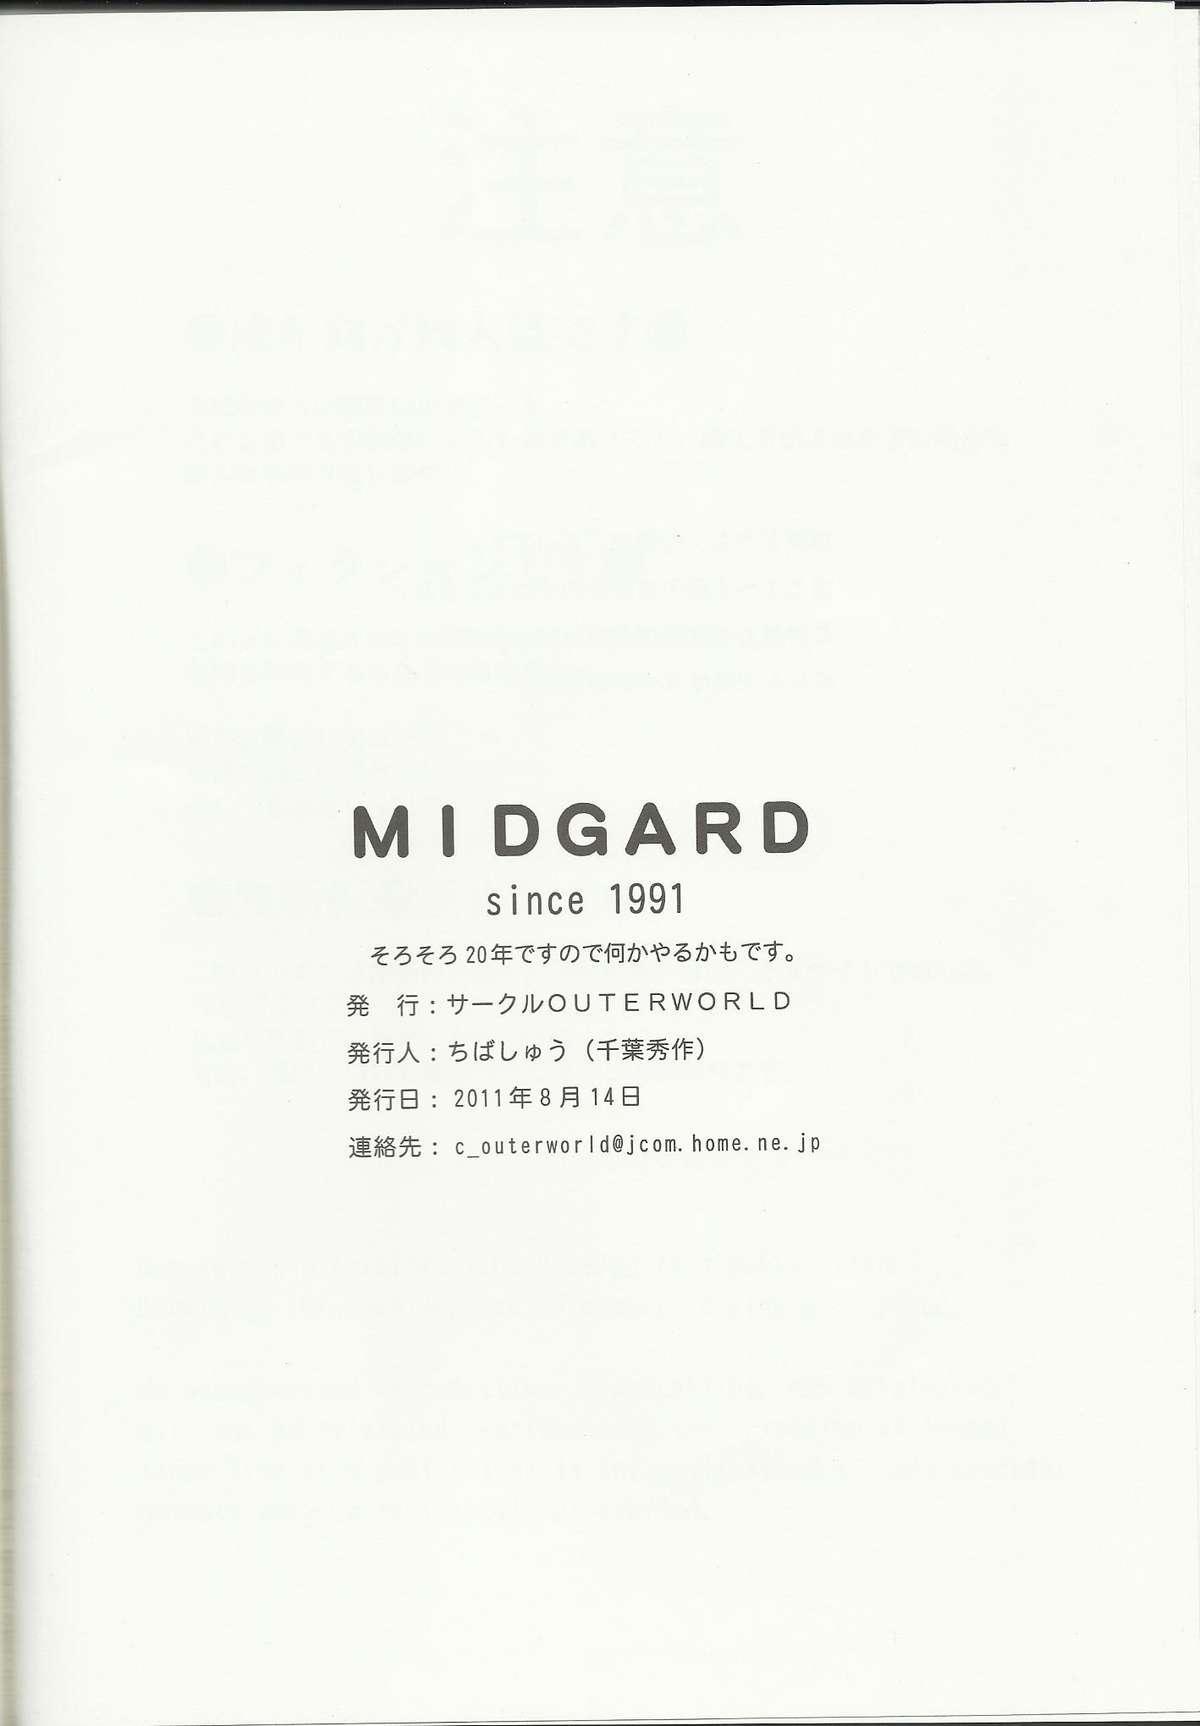 MIDGARD 36